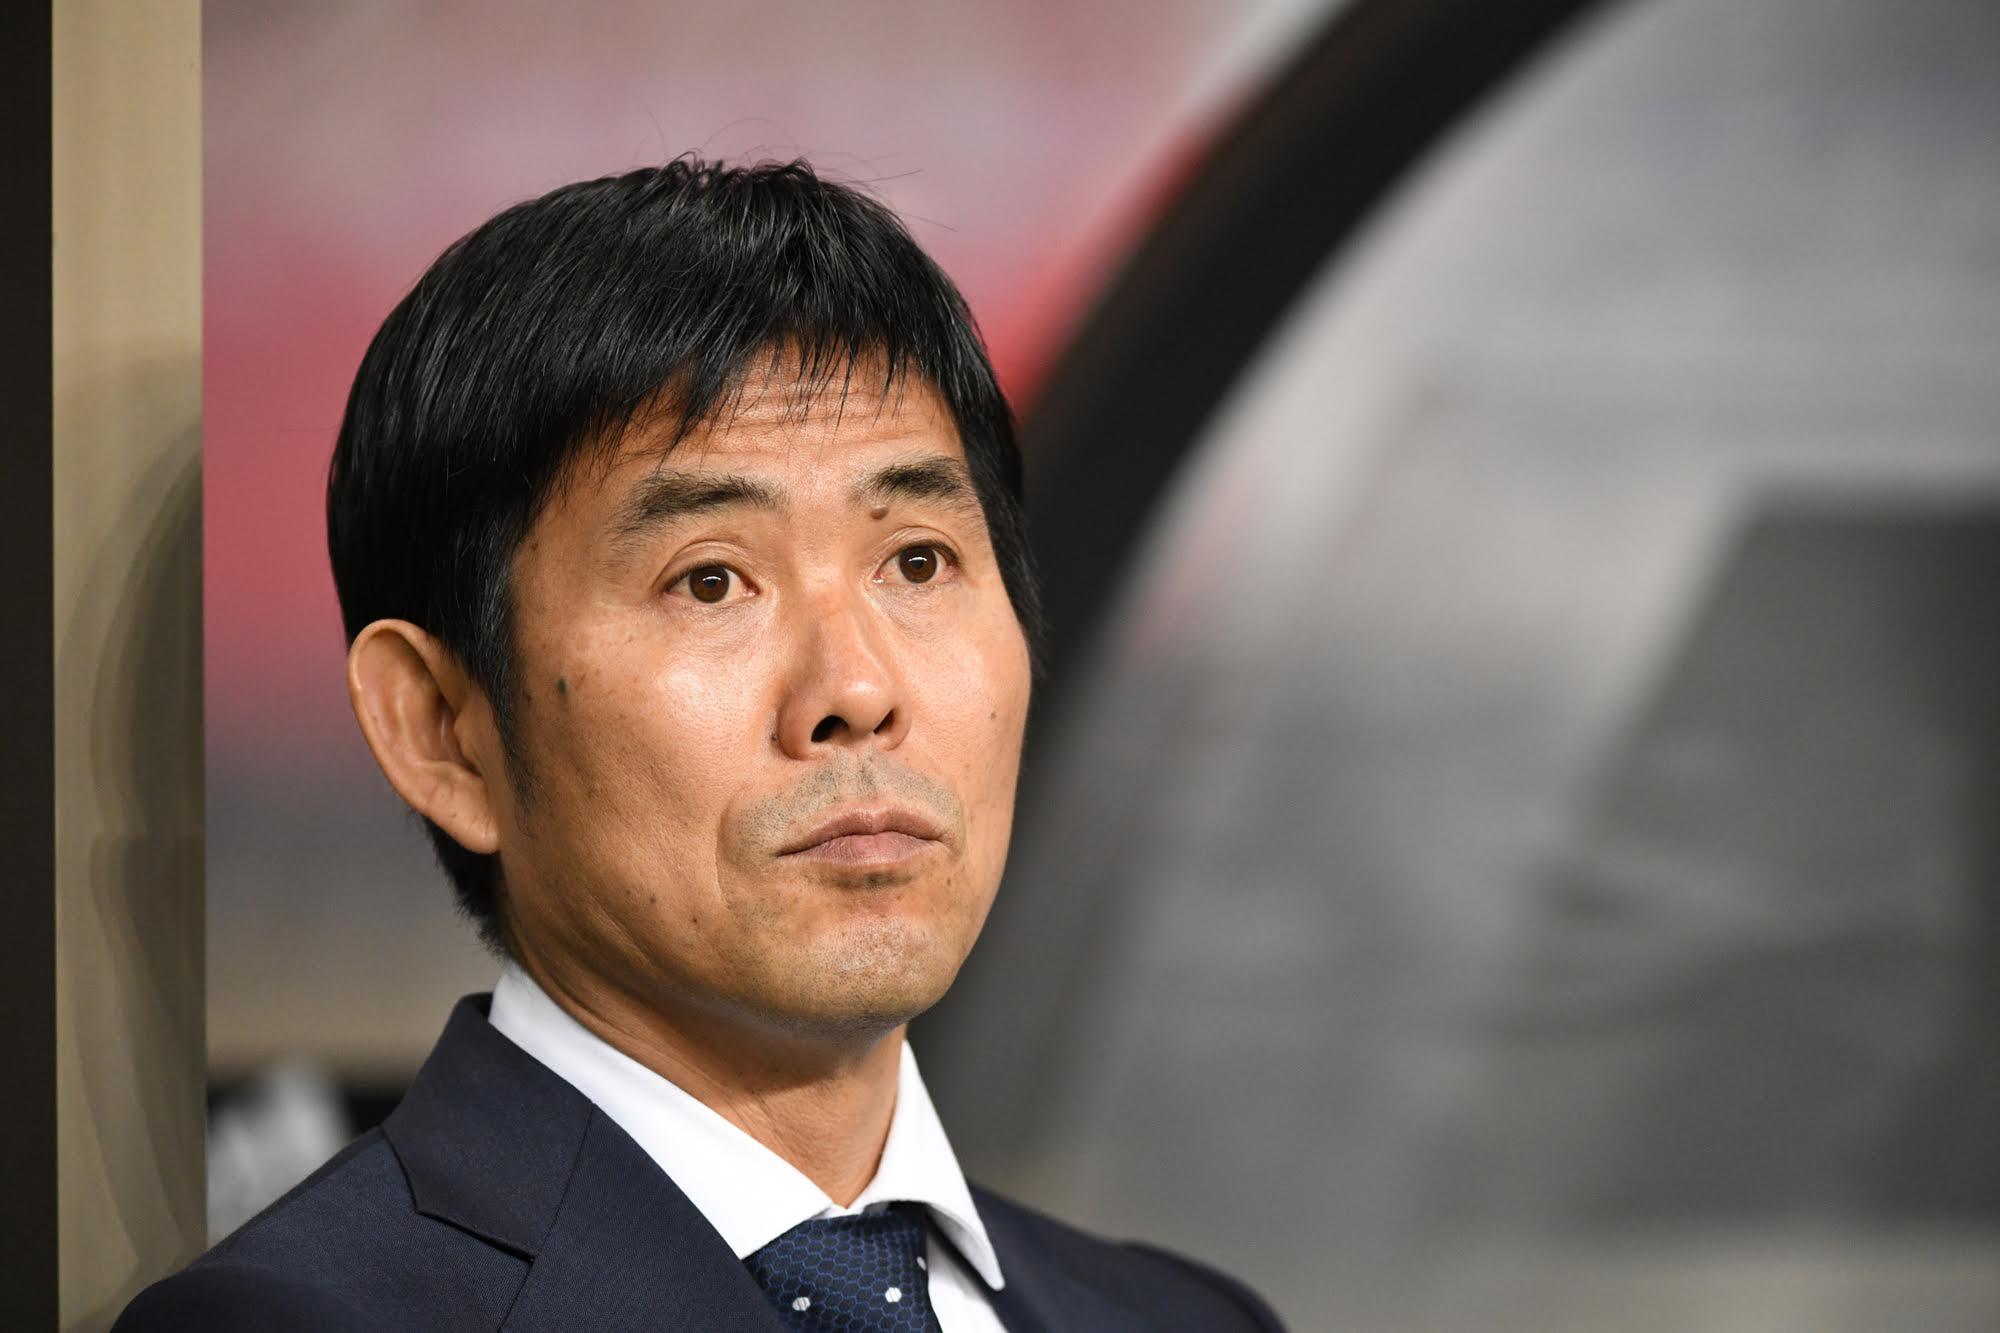 日本代表、サウジアラビアに敗れる。森保監督の責任問題が噴出へ。W杯アジア最終予選早くも2敗目